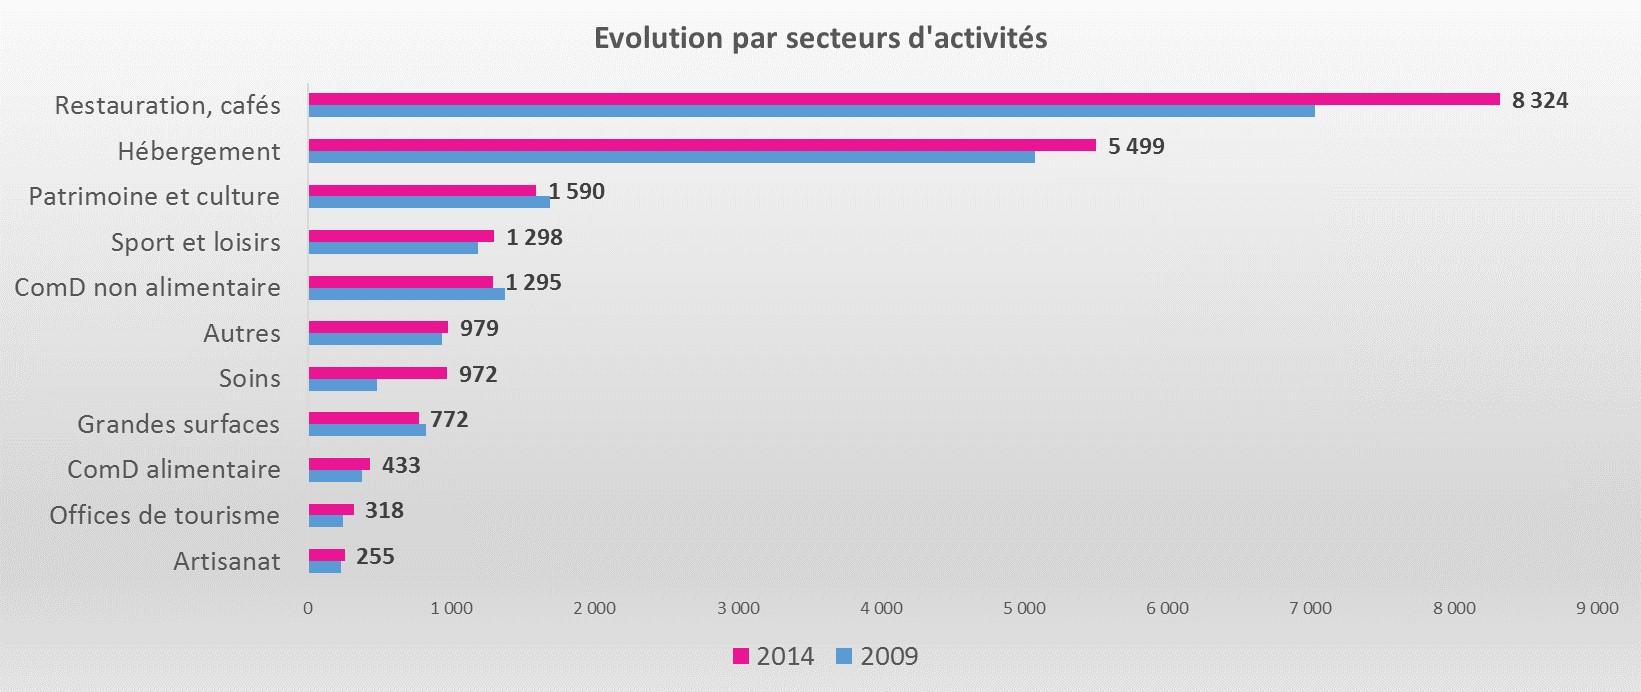 obsEmplois touristiques par secteur 2009 2014.jpg